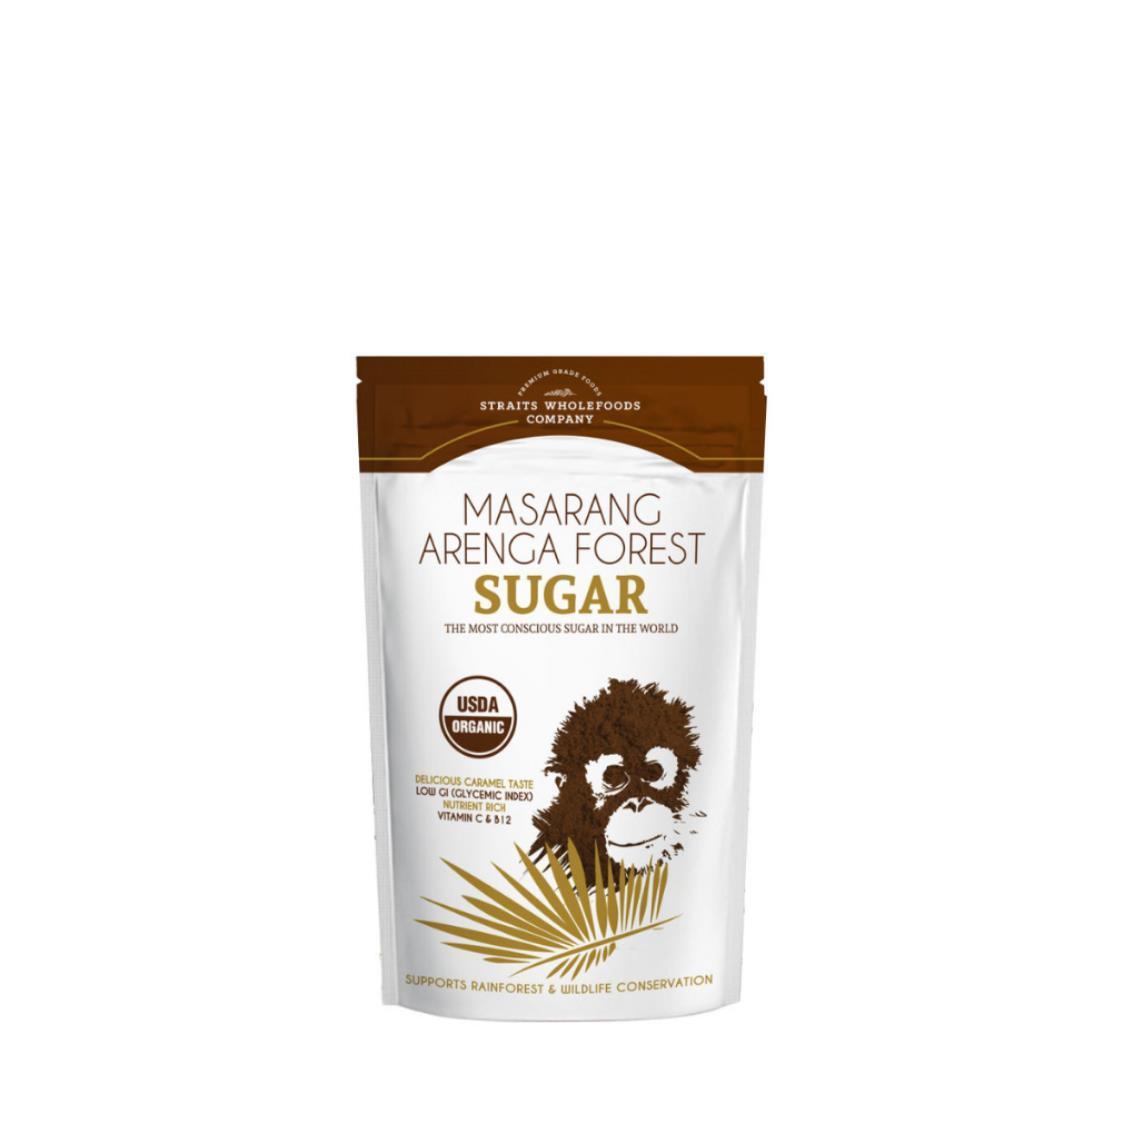 Masarang Arenga Forest Sugar